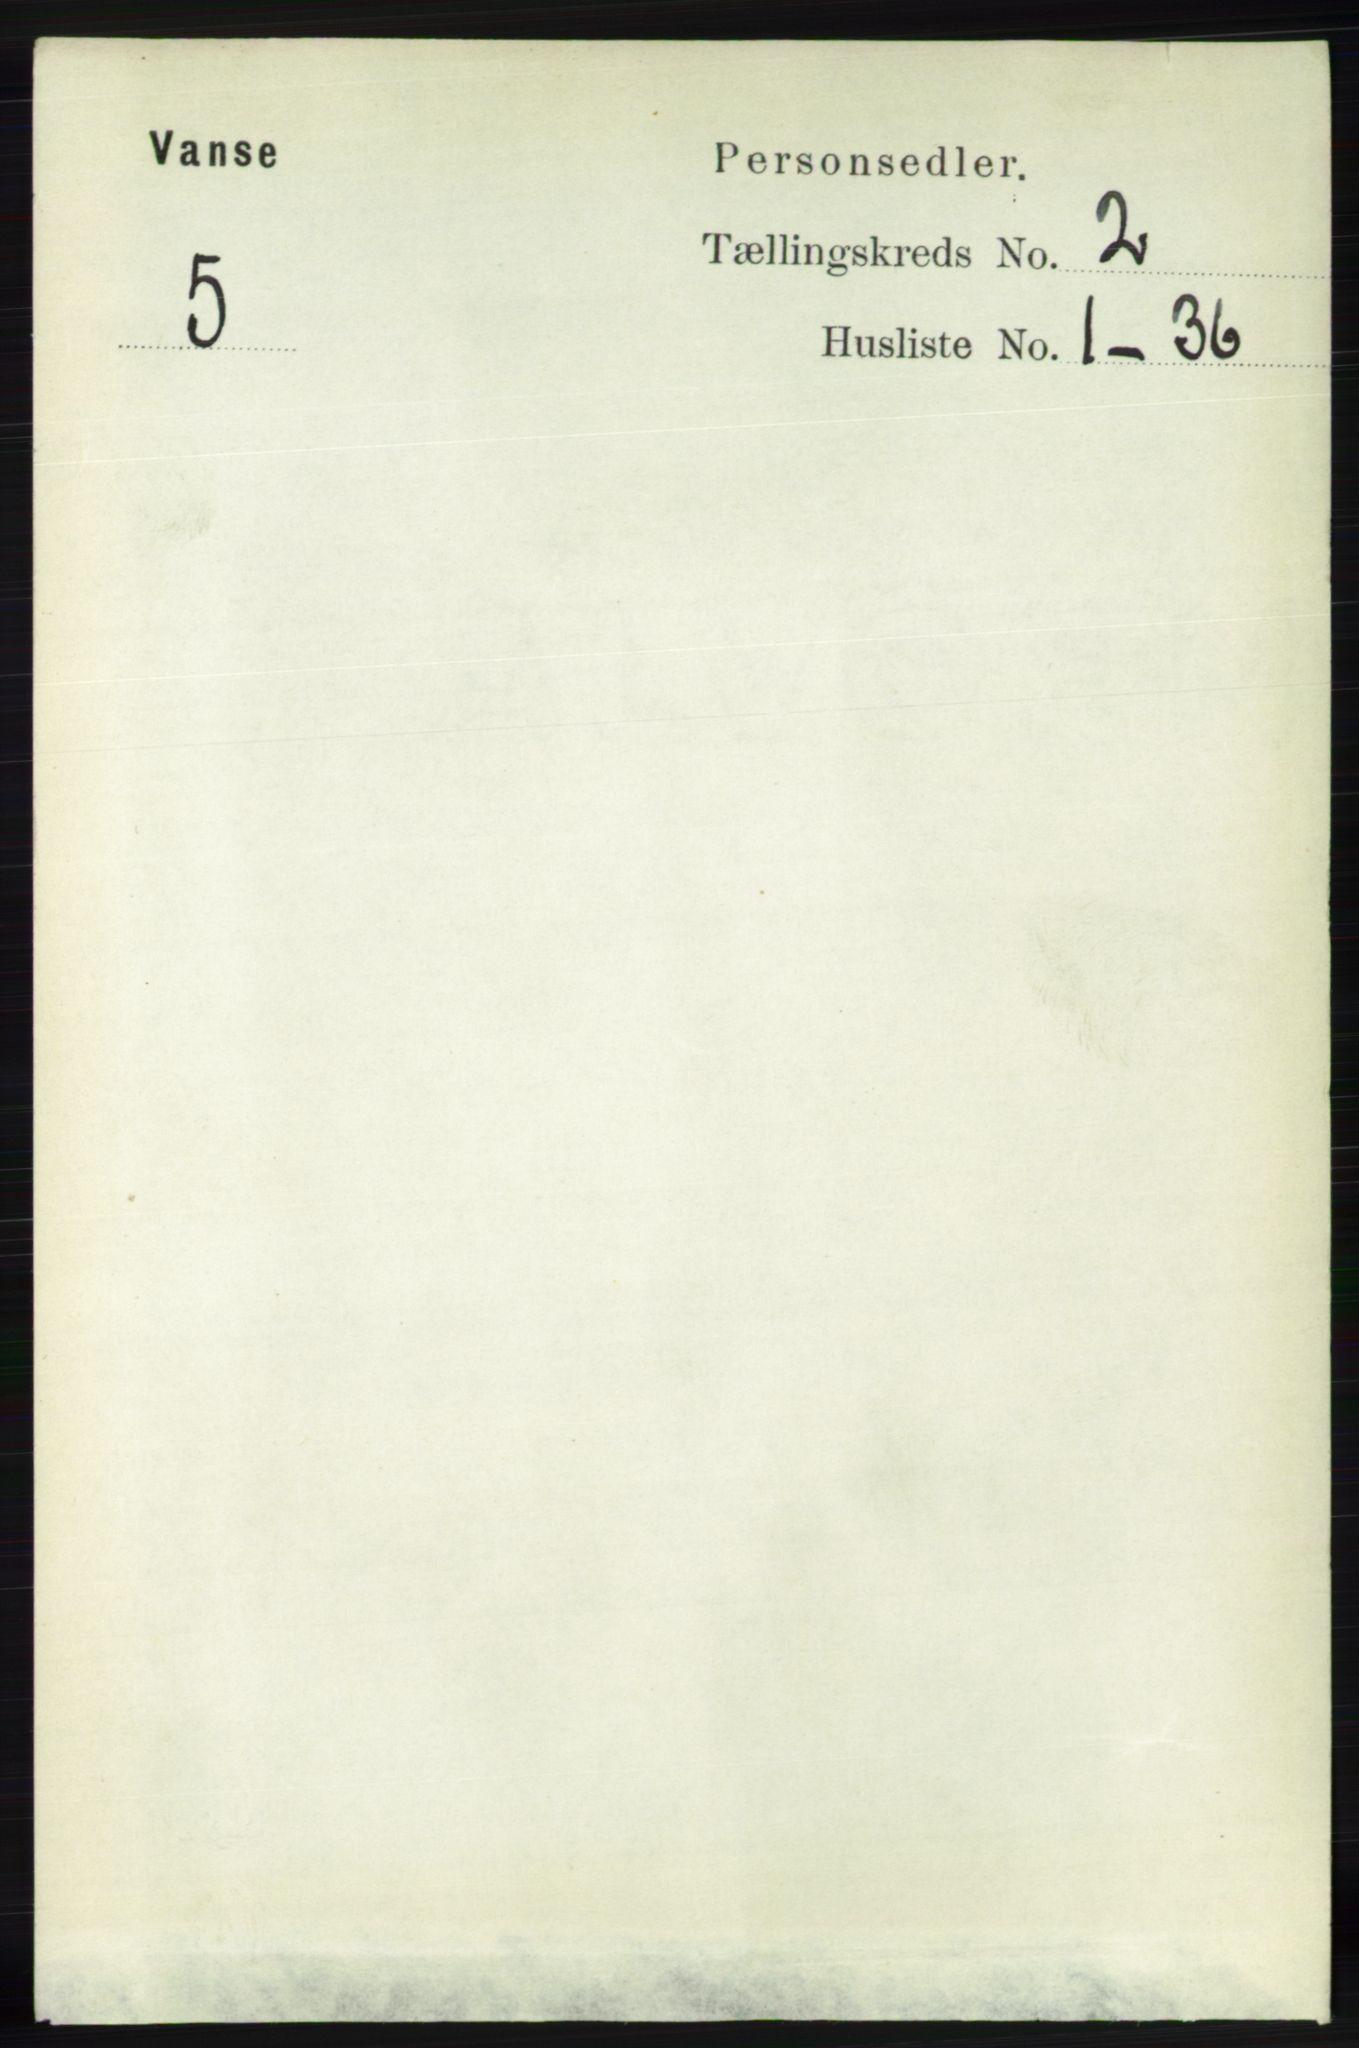 RA, Folketelling 1891 for 1041 Vanse herred, 1891, s. 603